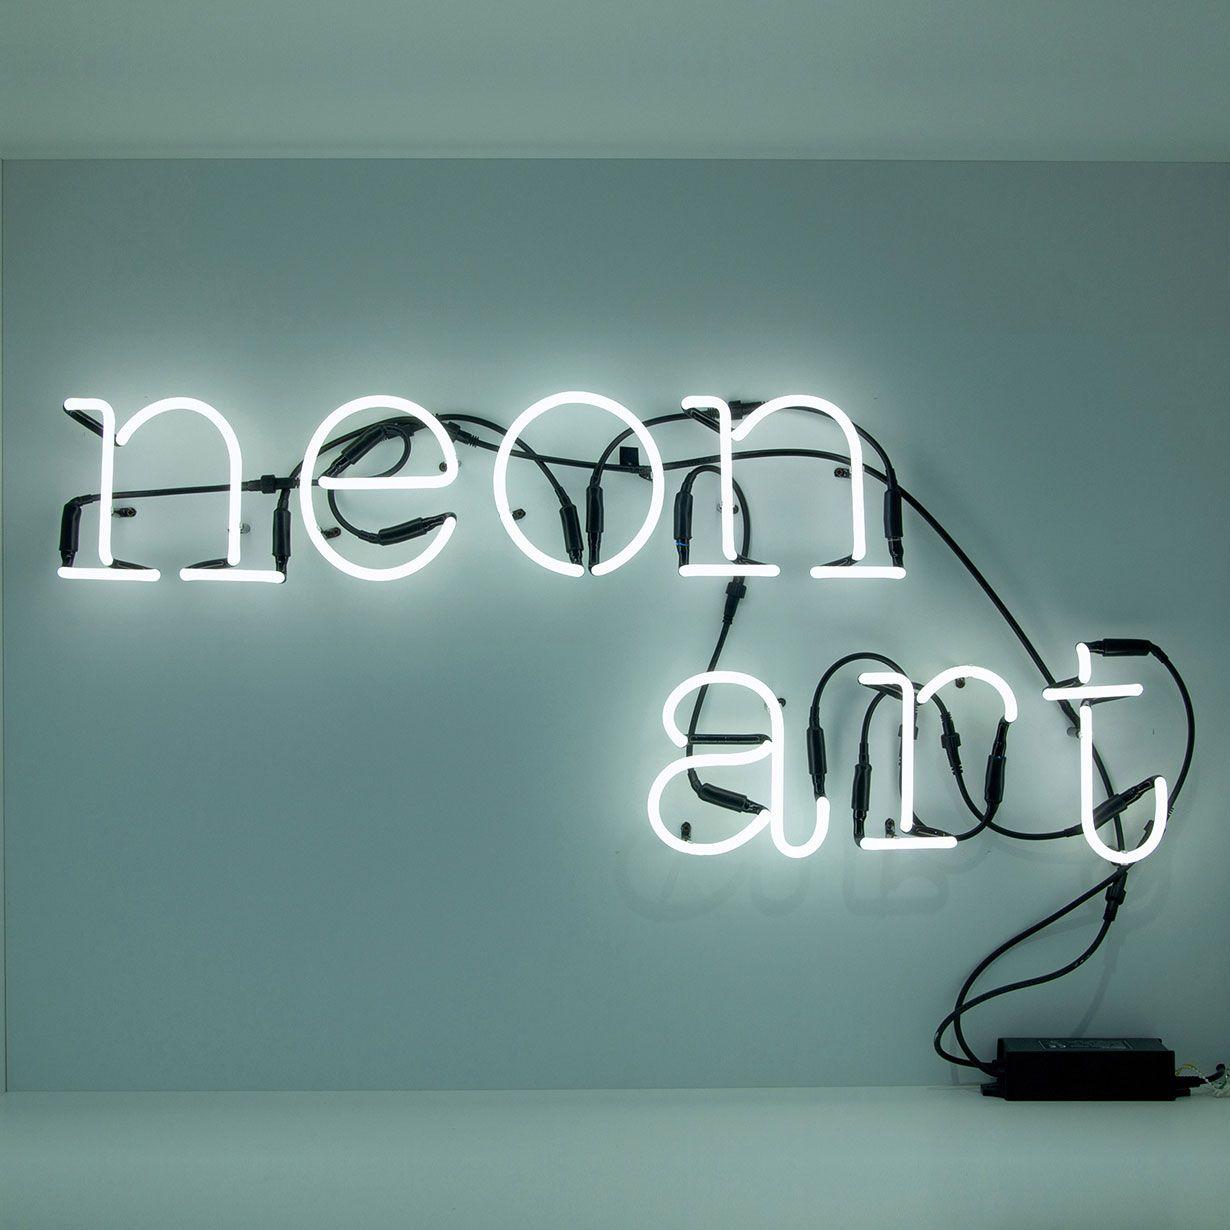 Lampade Al Neon Da Parete questa collezione comprende numerose lettere e cifre in tubo